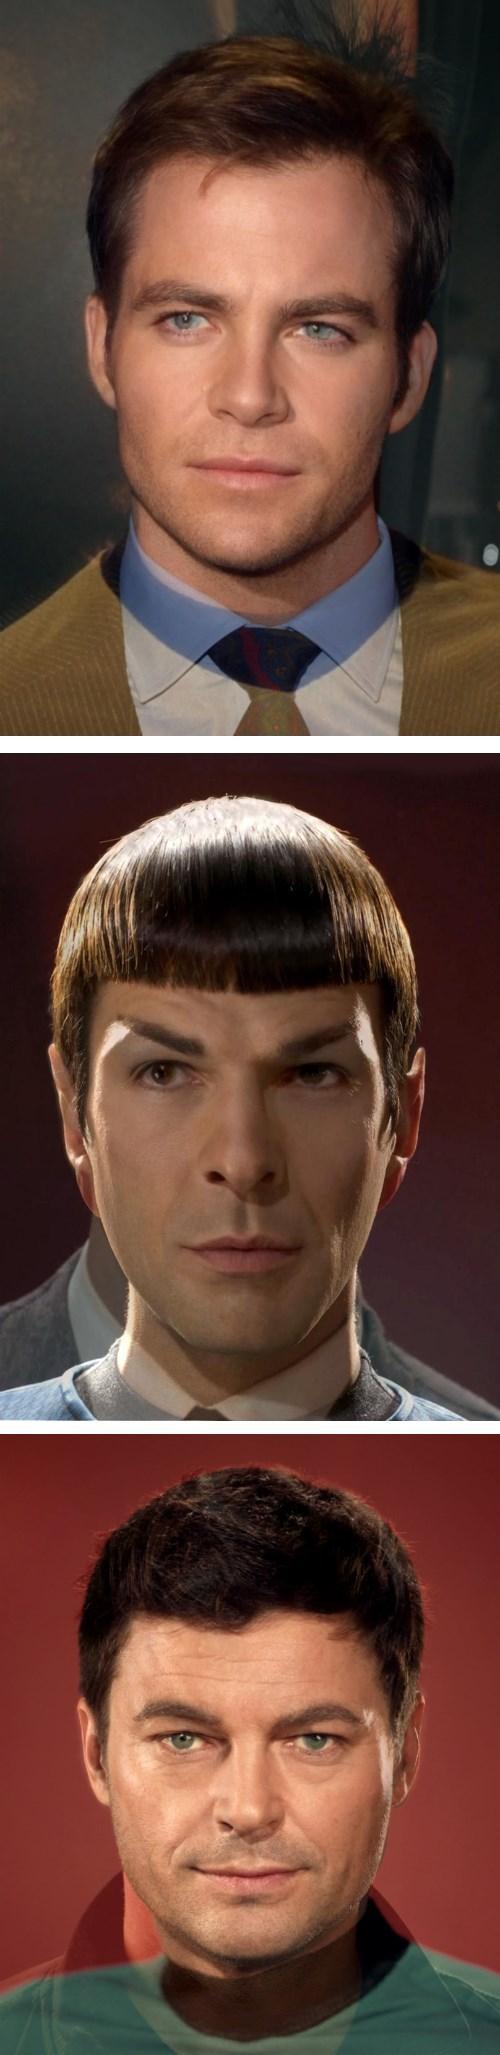 Spock bones mccoy kirk Star Trek - 7819508992